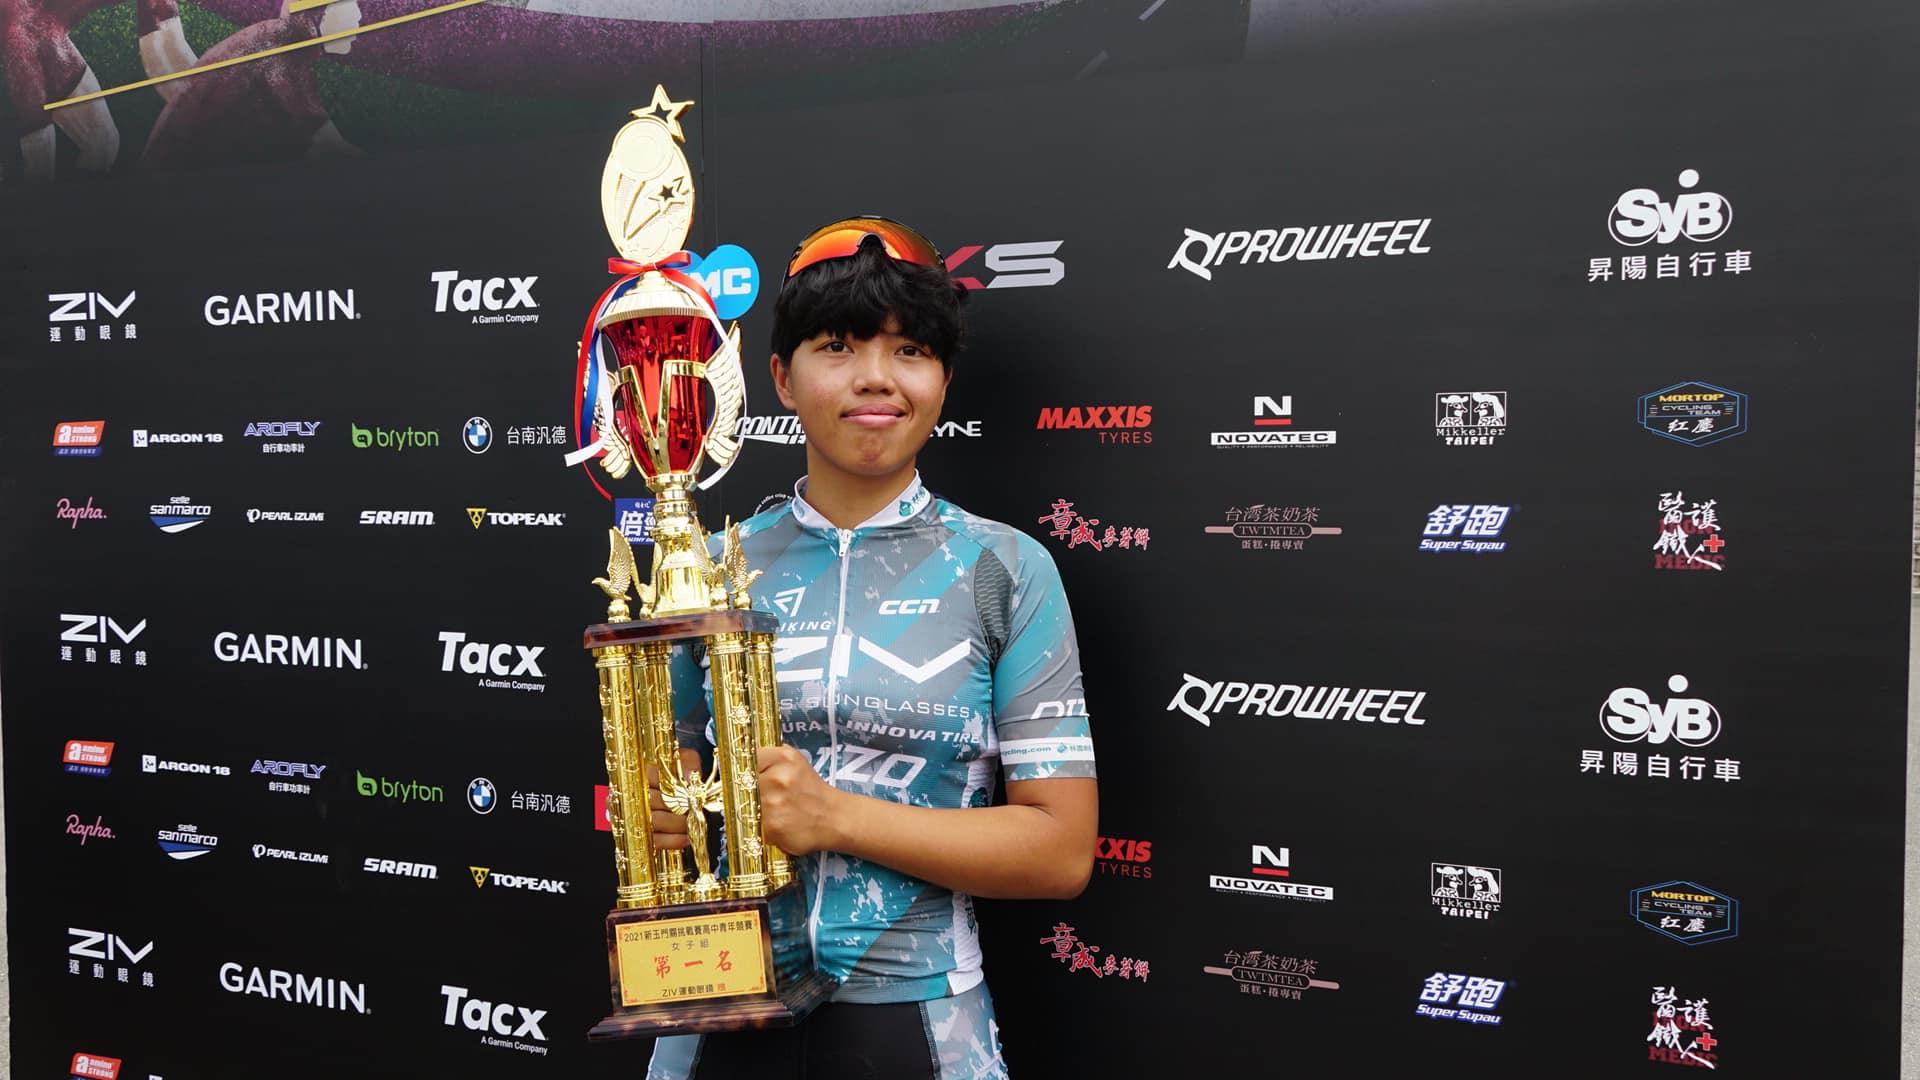 林園自由車隊 Linyuan Cycling Team 2照片來源:林園自由車隊